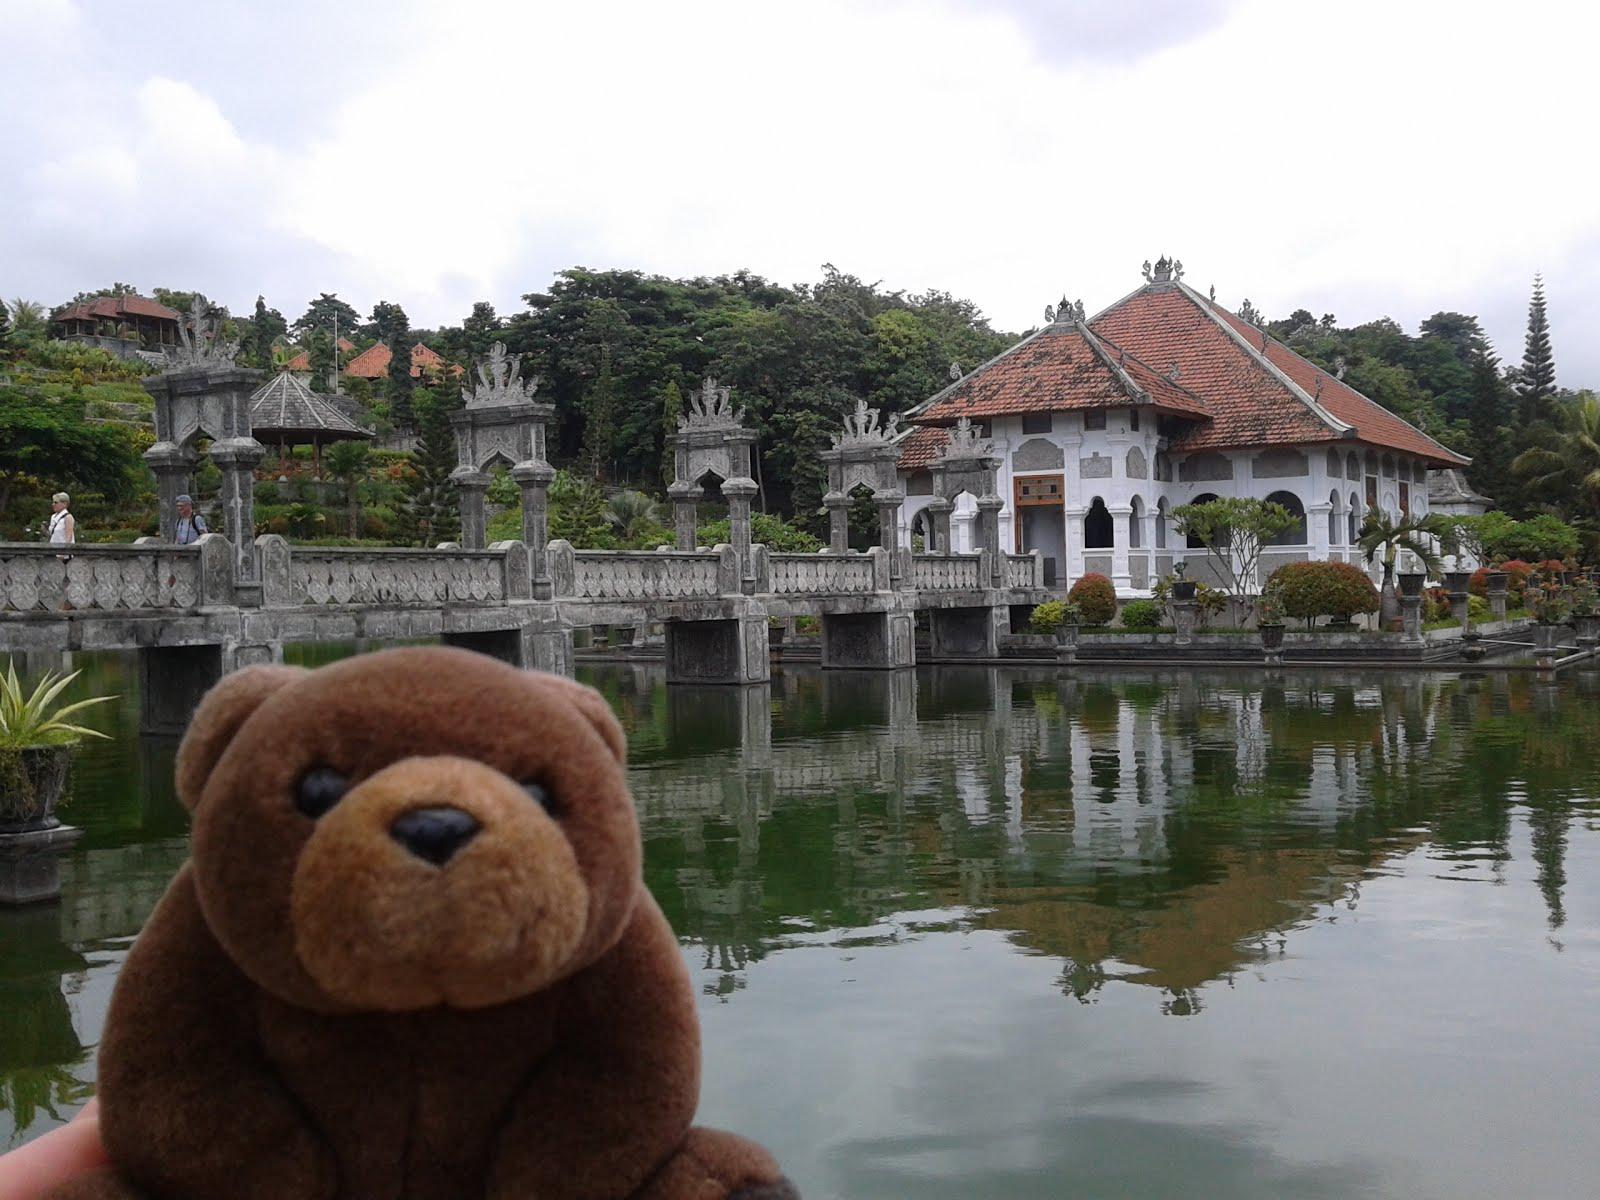 Teddy in Water Palace, Seraya, Indonesia